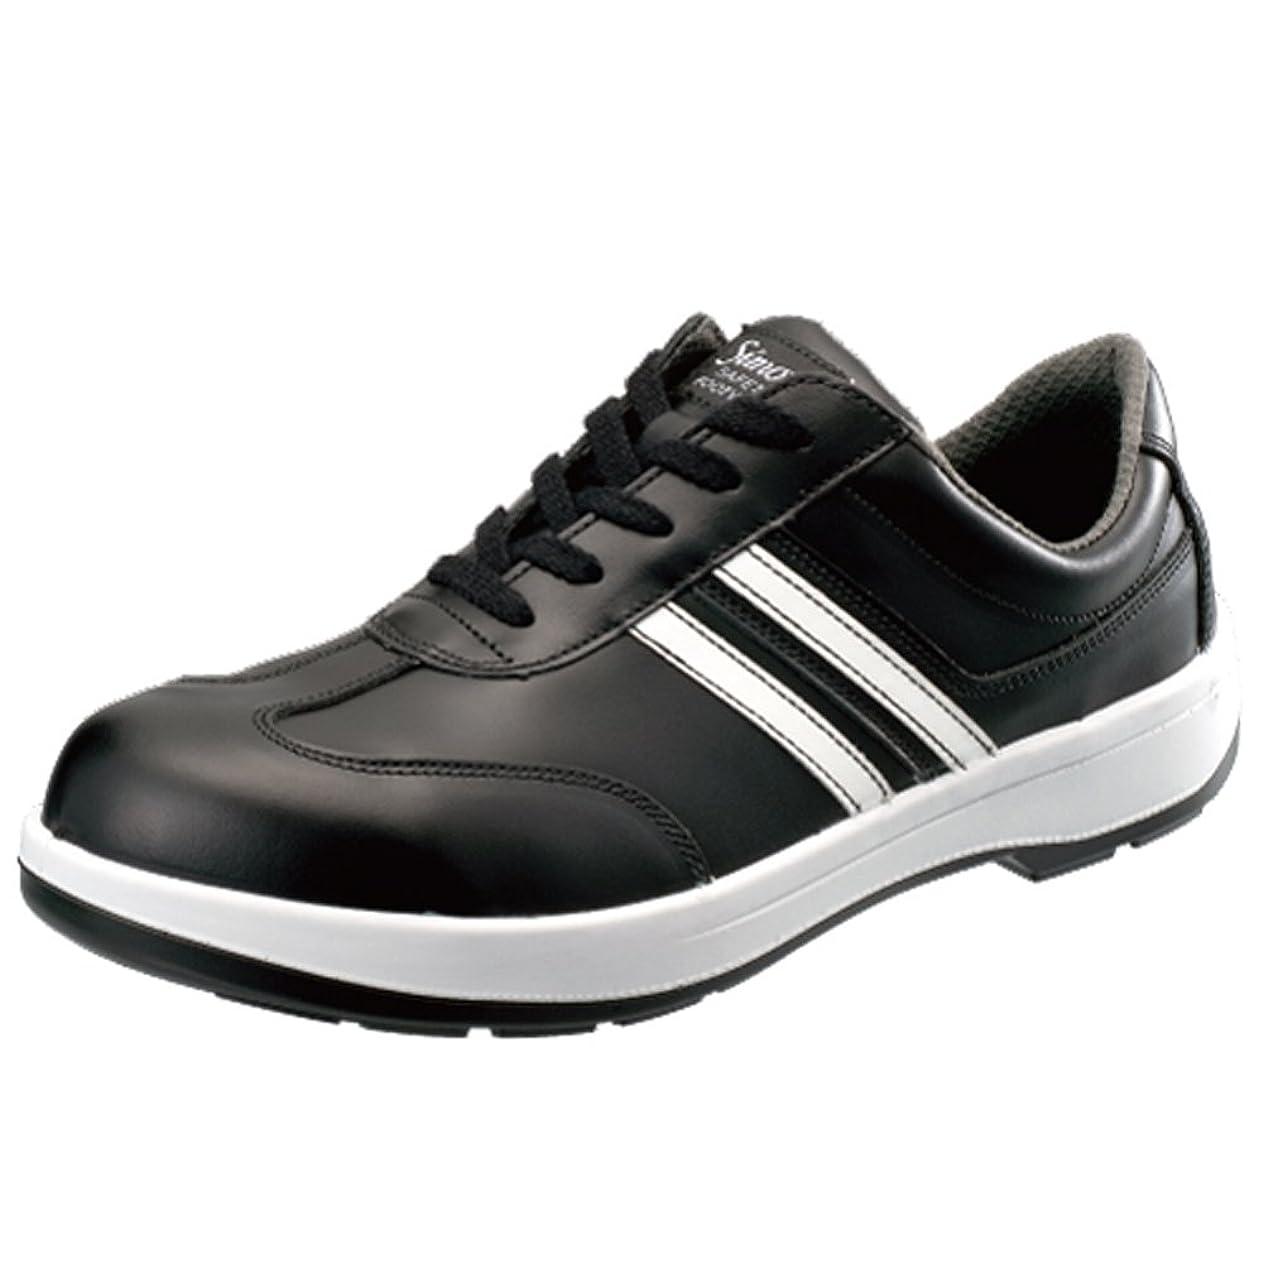 申込み謙虚混乱した[シモン] 【BZ11】短靴 短靴ジーンズに合わせやすい、普段使いで履きこなせるデザインの安全靴 ACM樹脂先芯採用で、軽快、スムーズに履きこなせるスニーカータイプ